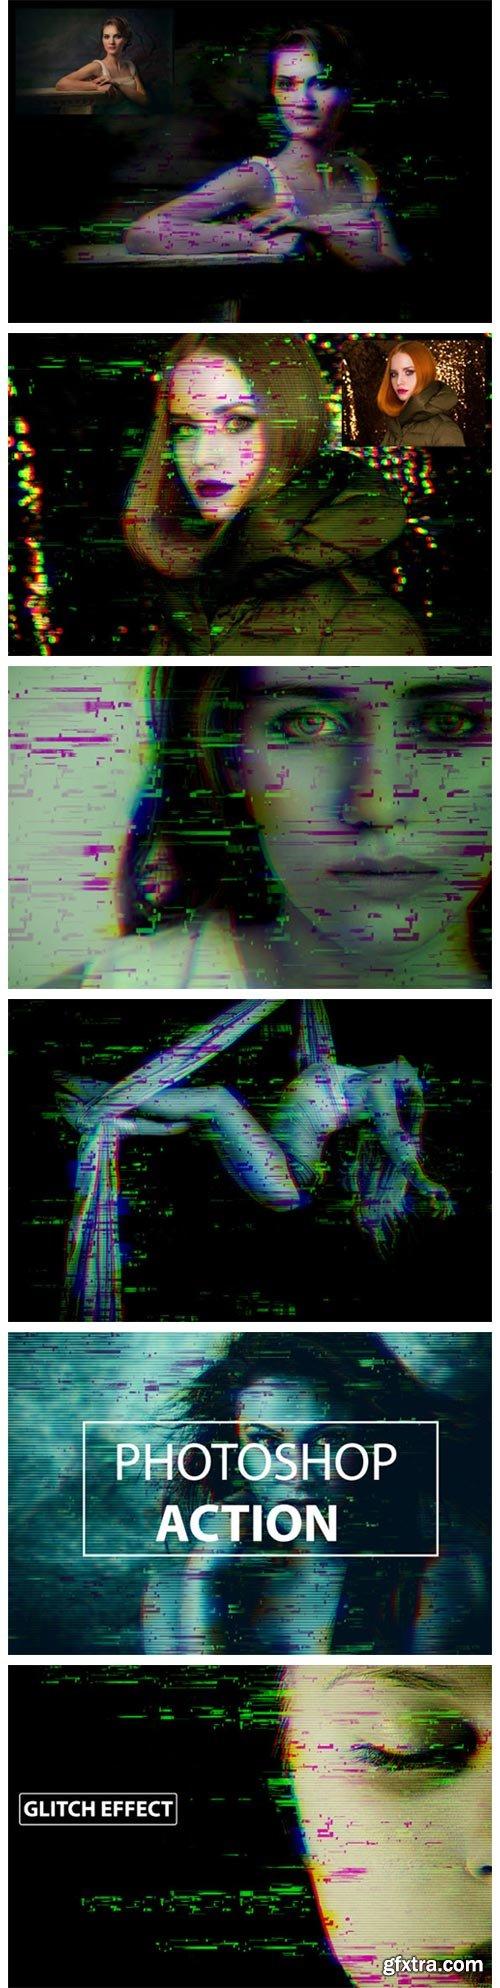 Glitch Distruction- Photoshop Action 1949294